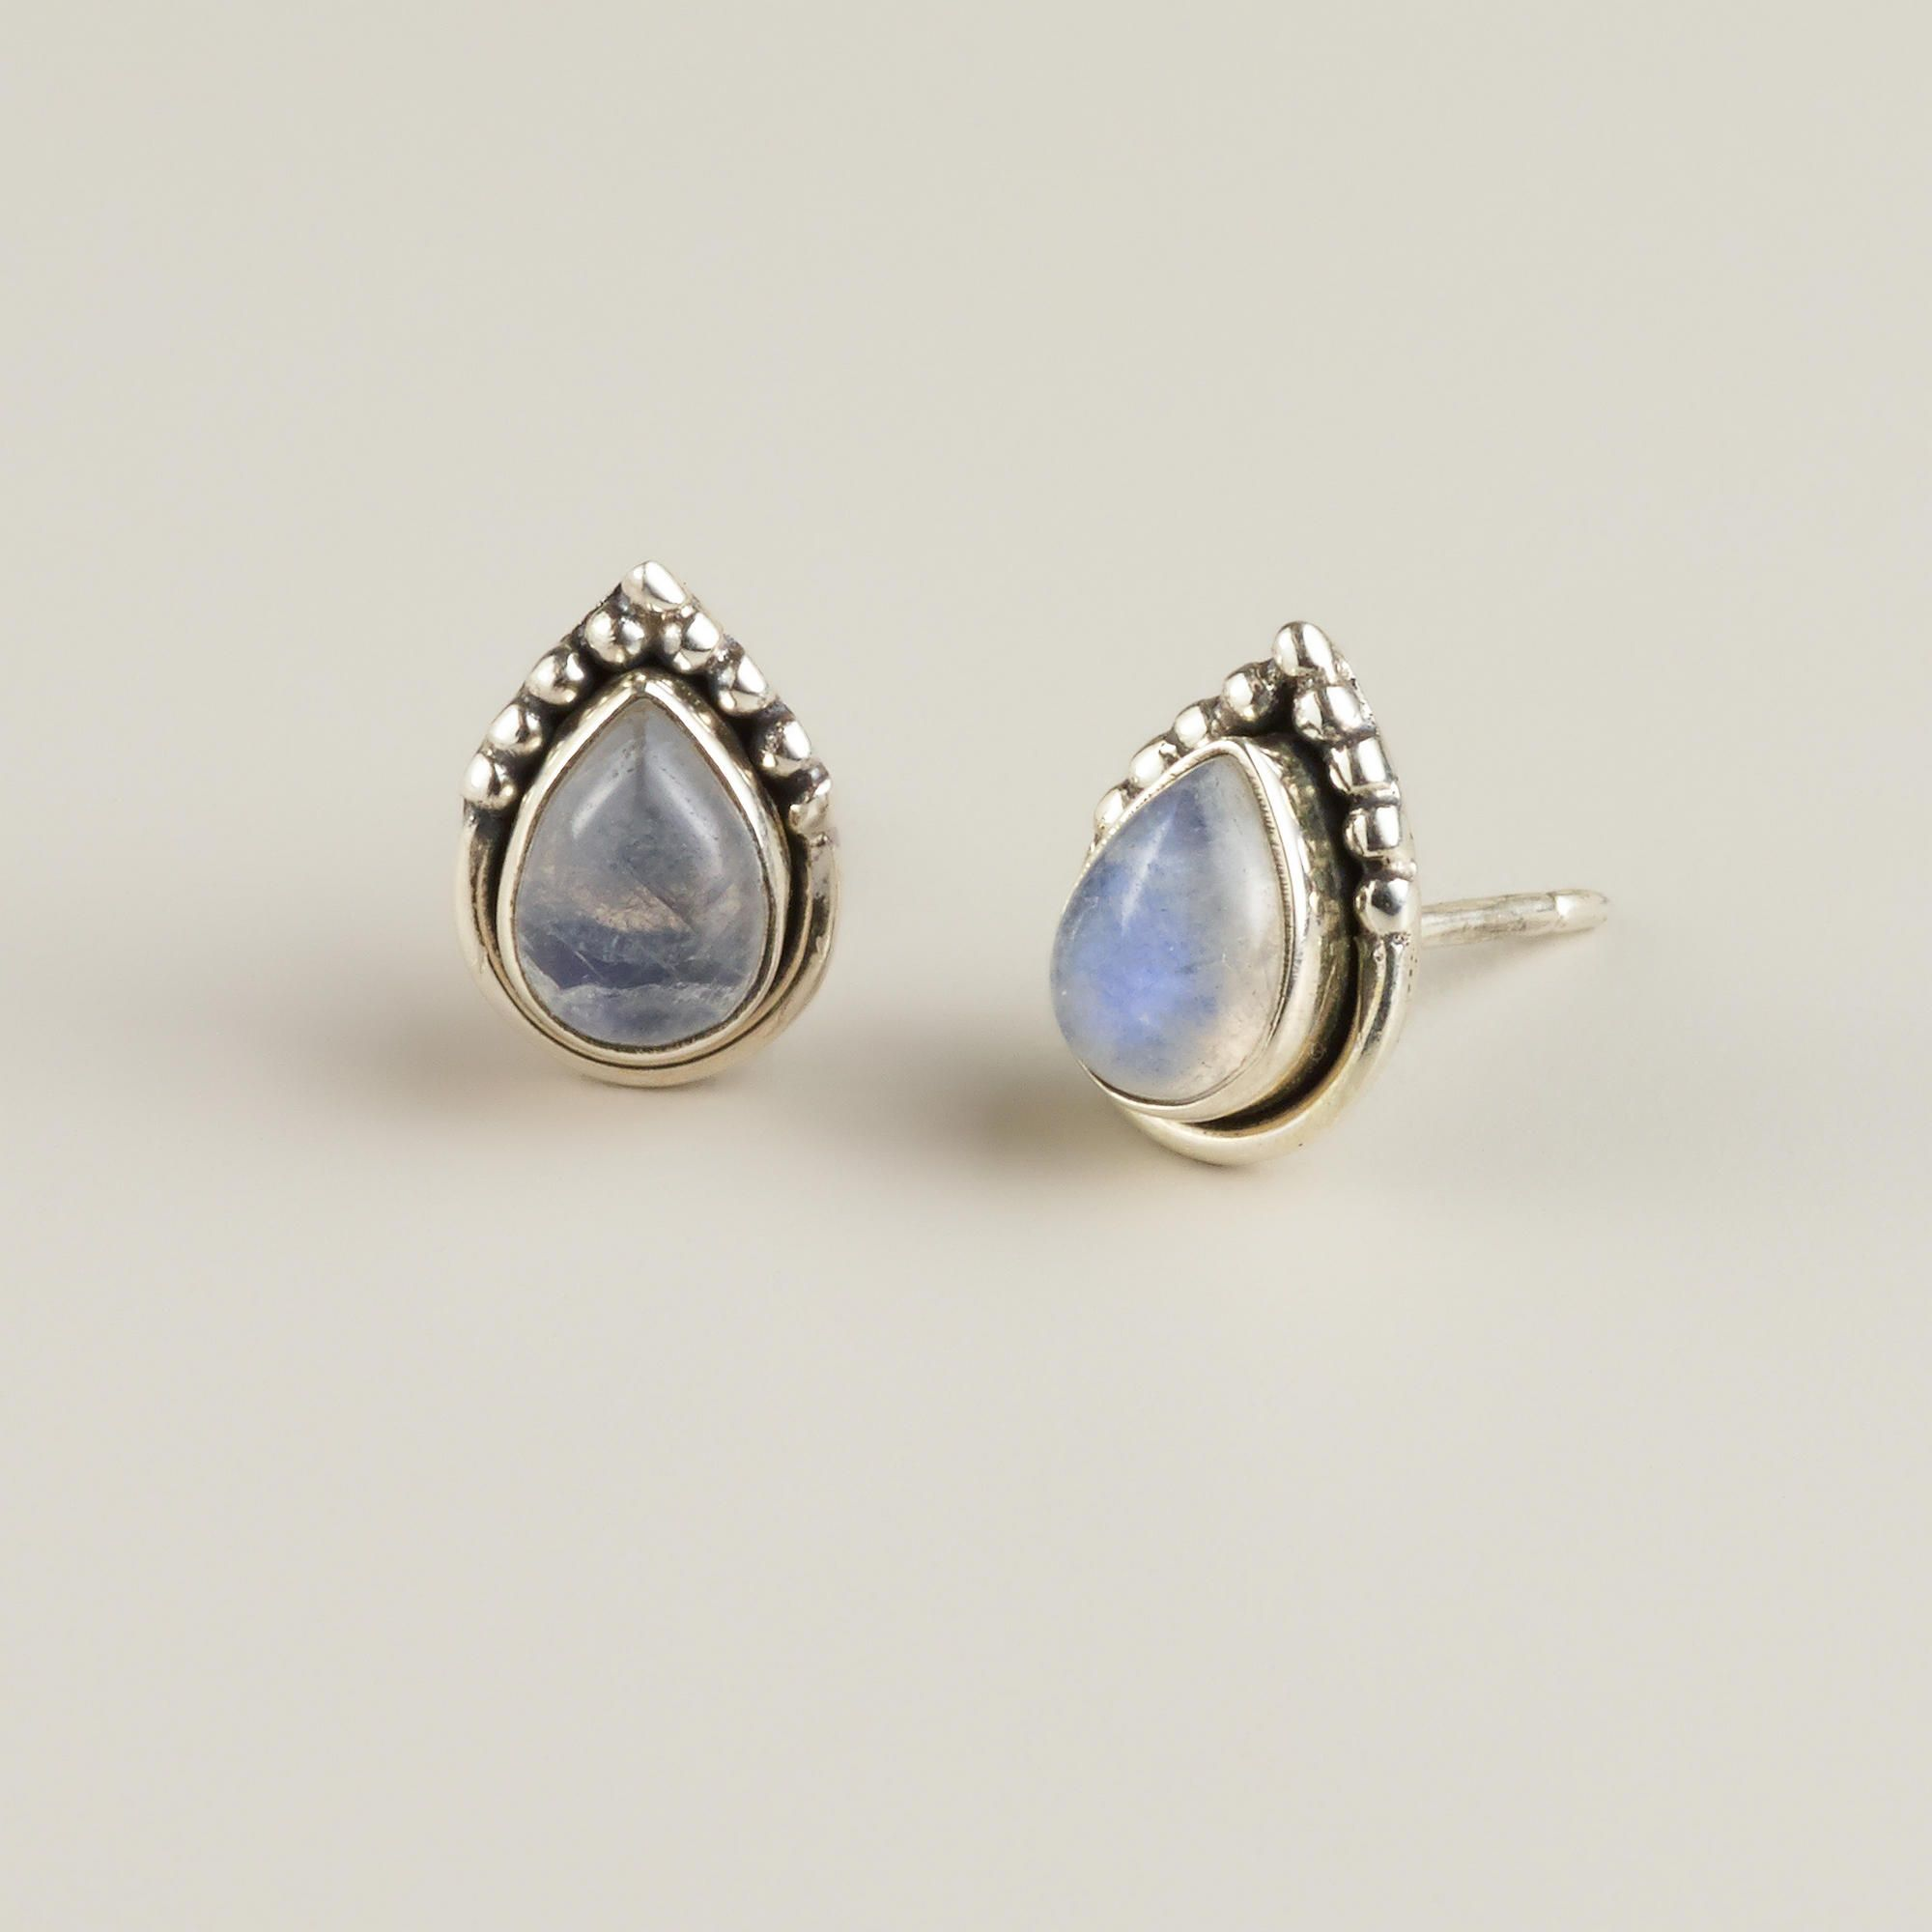 Sterling Silver and Moonstone Teardrop Stud Earrings